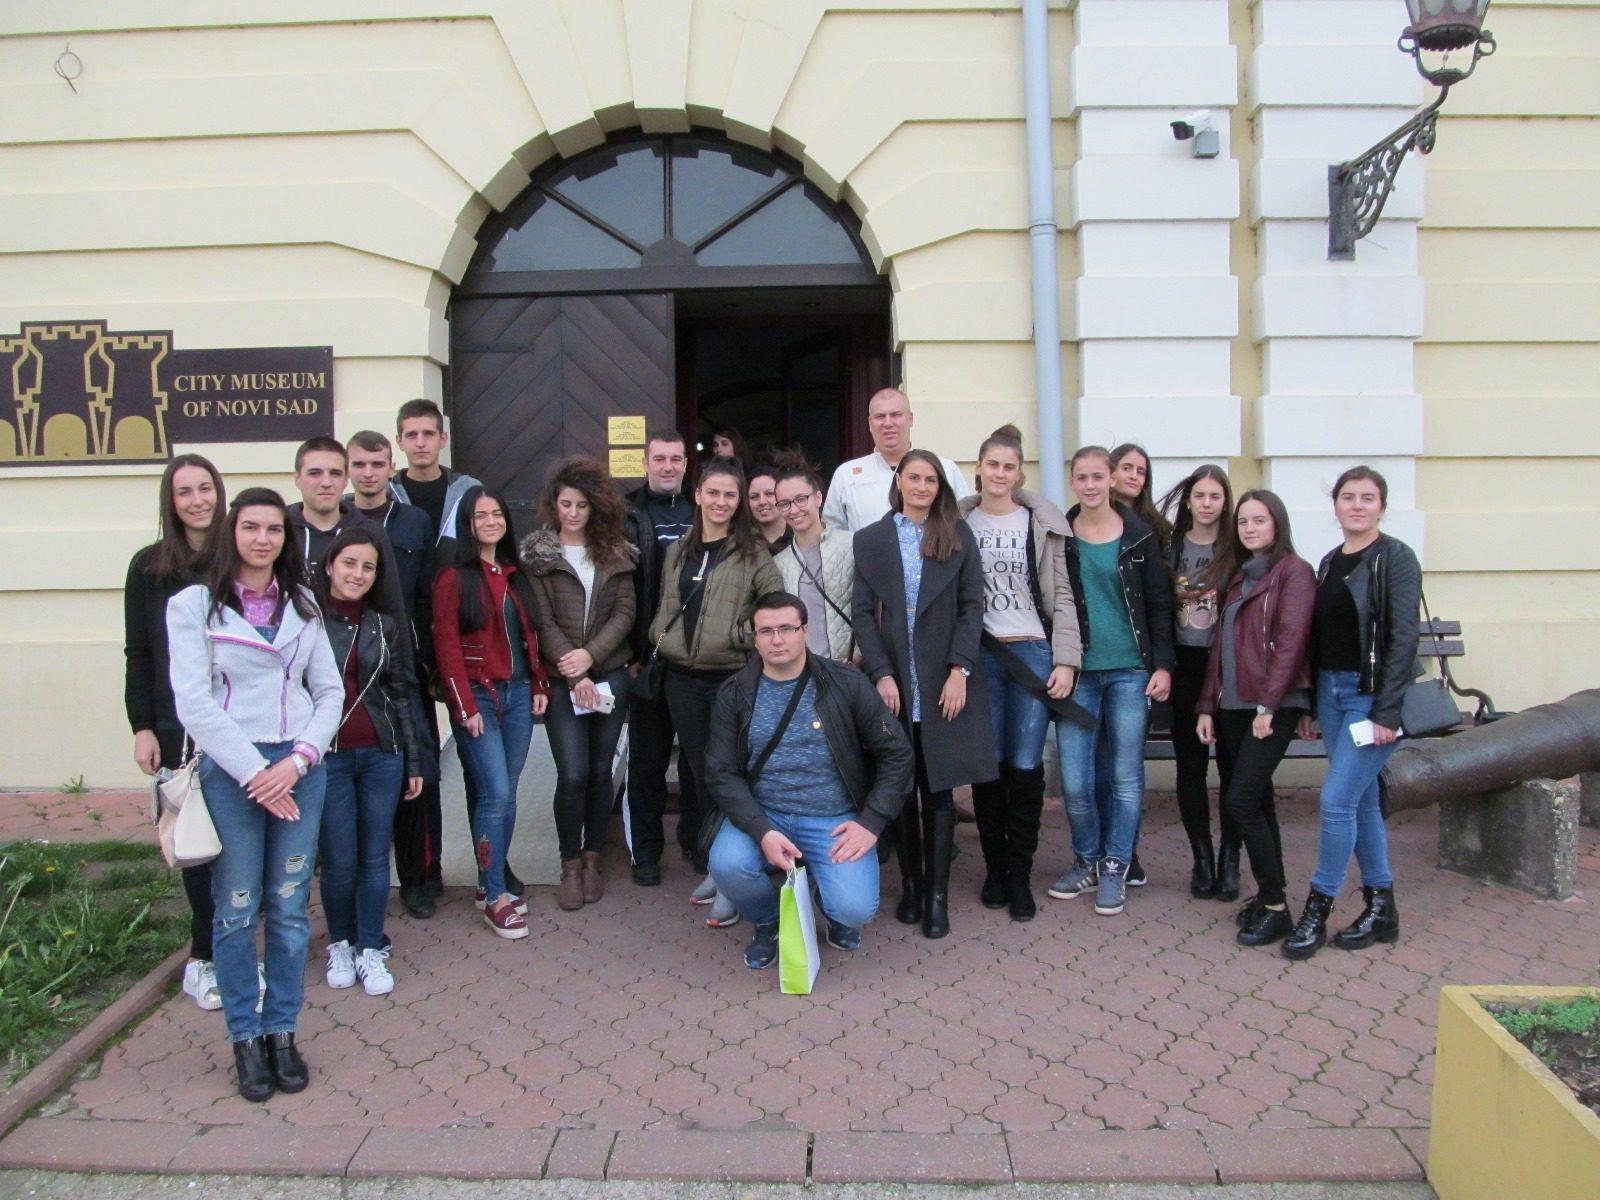 ТРАДИЦИЈА: Млади Херцеговци обишли Музеј града Новог Сада и подземне тунеле Петроварадинске тврђаве